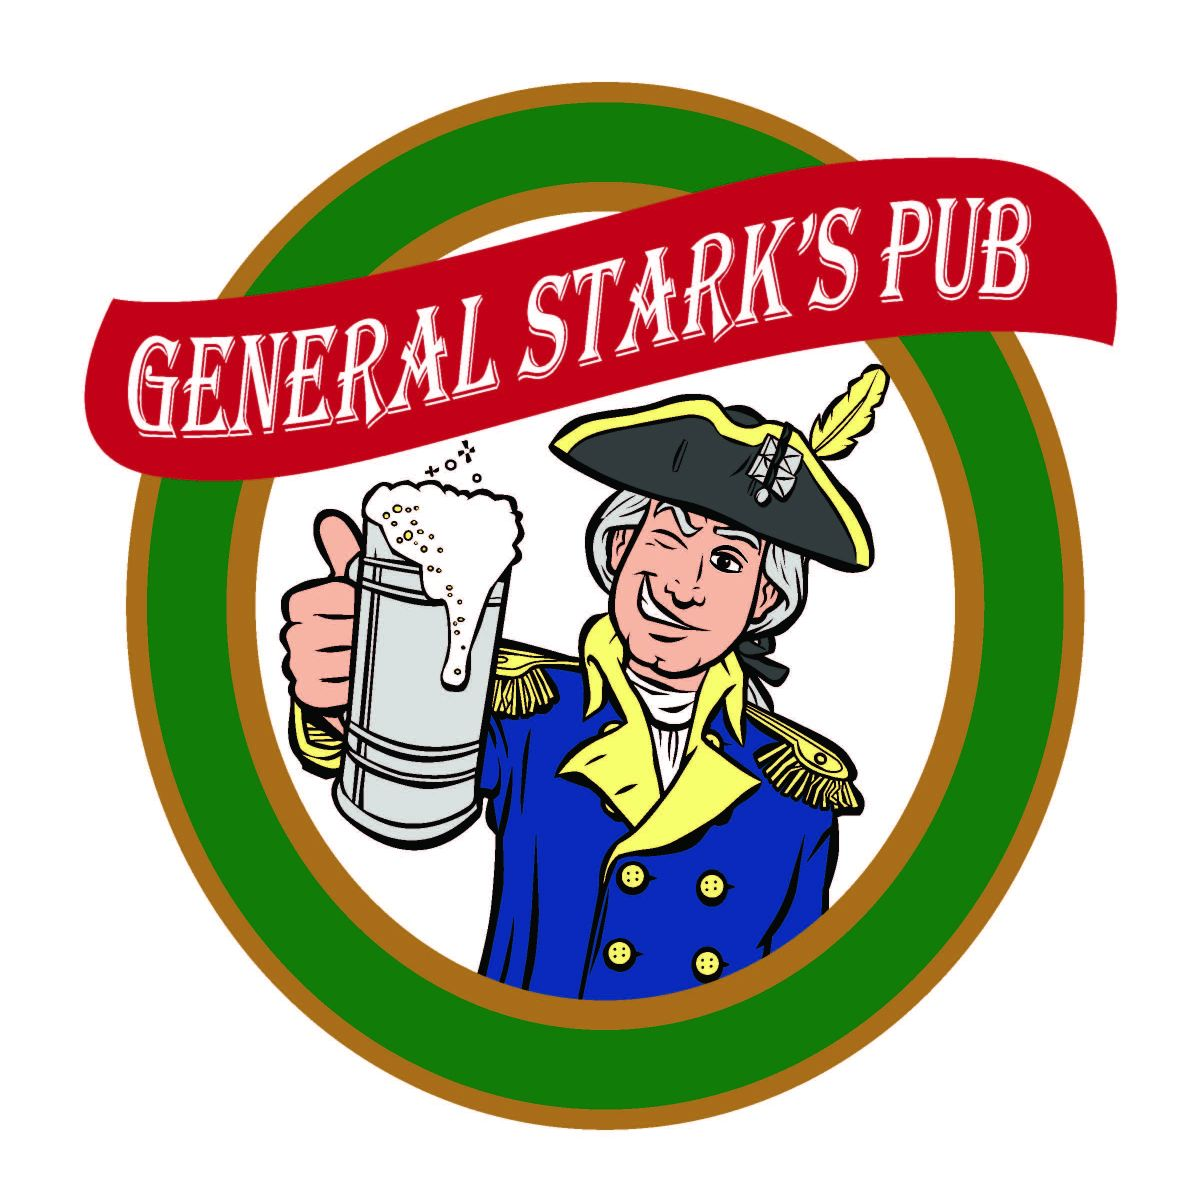 General Stark's Pub